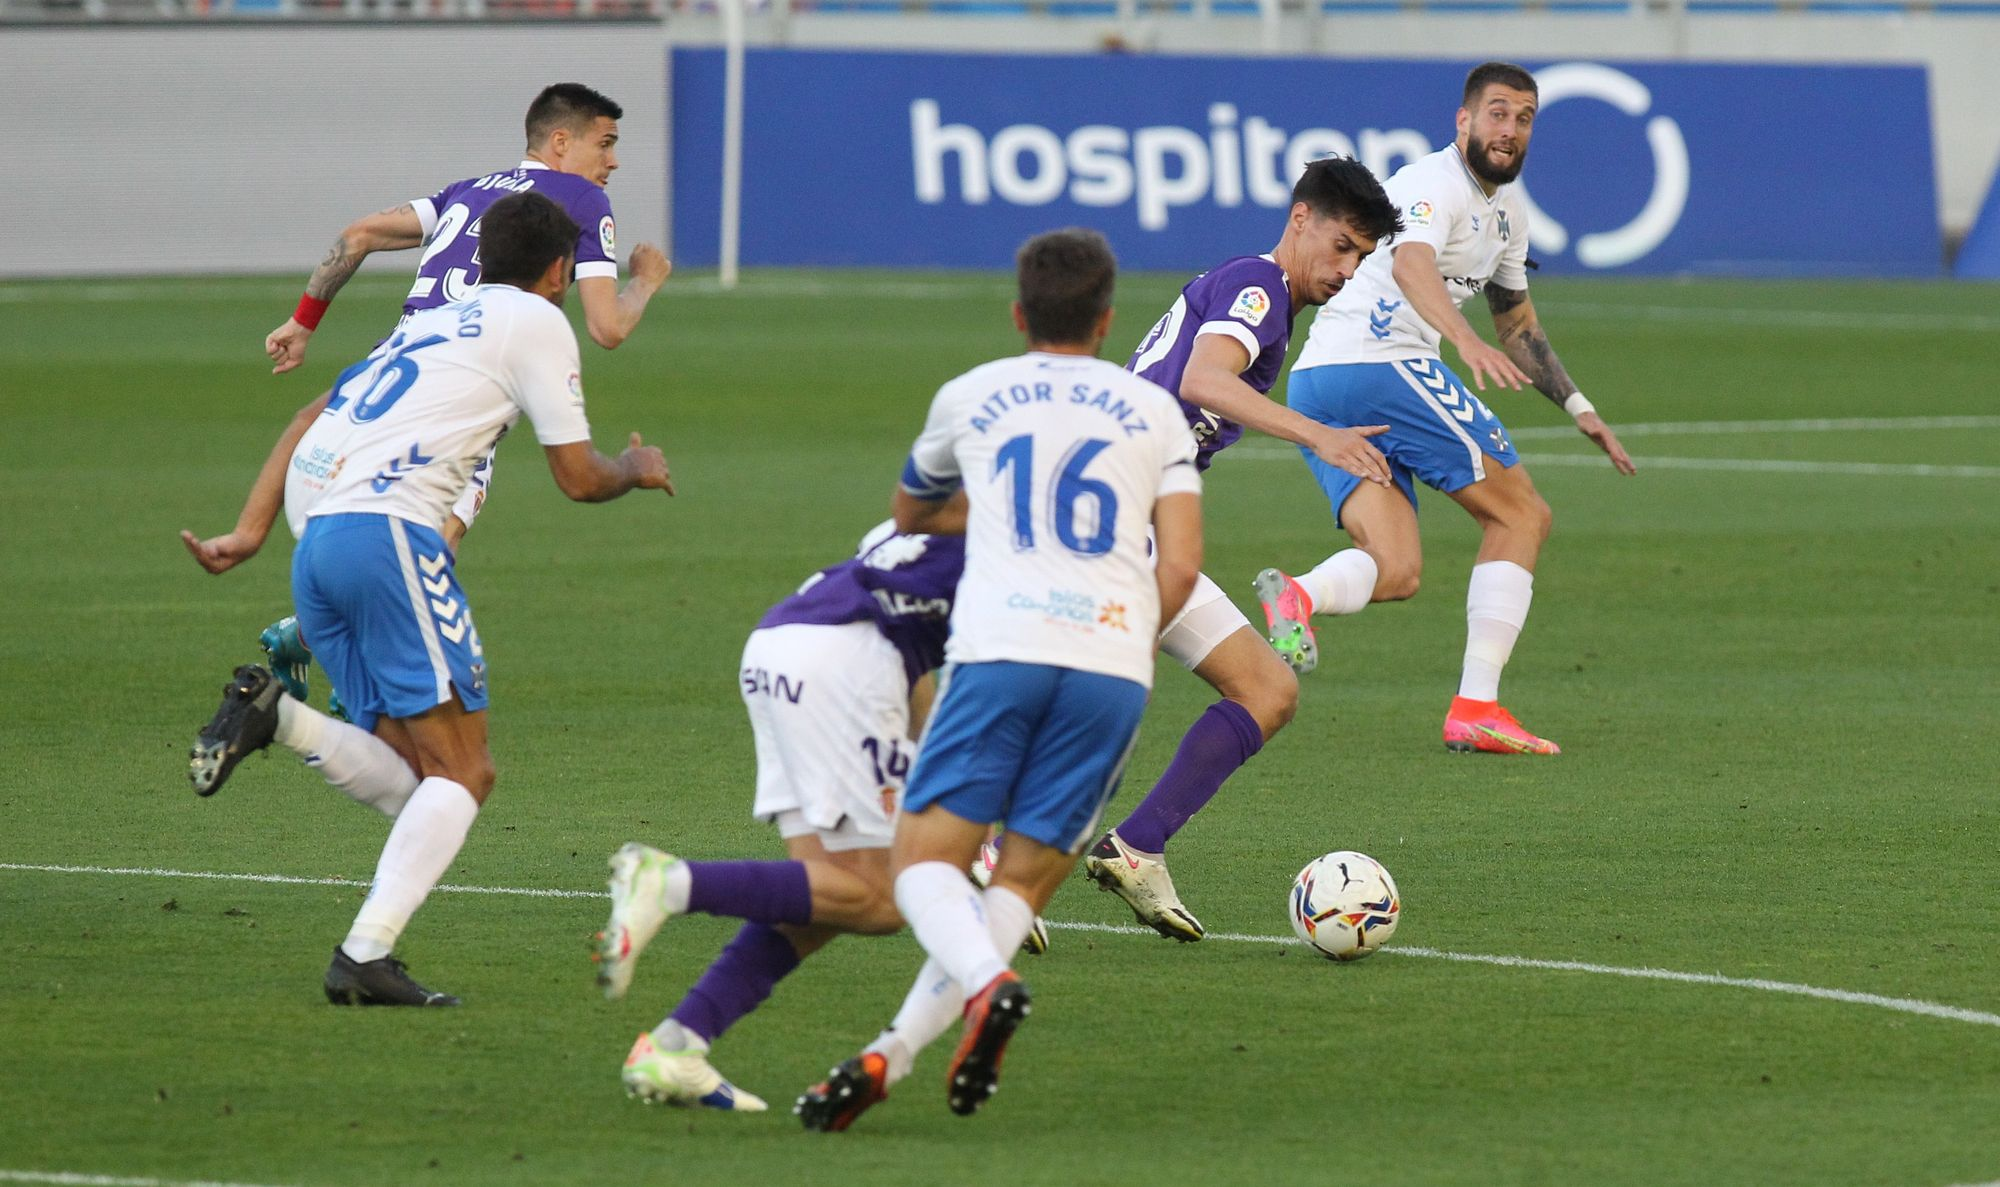 Las imágenes del partido entre el Tenerife y el Sporting (1-0)